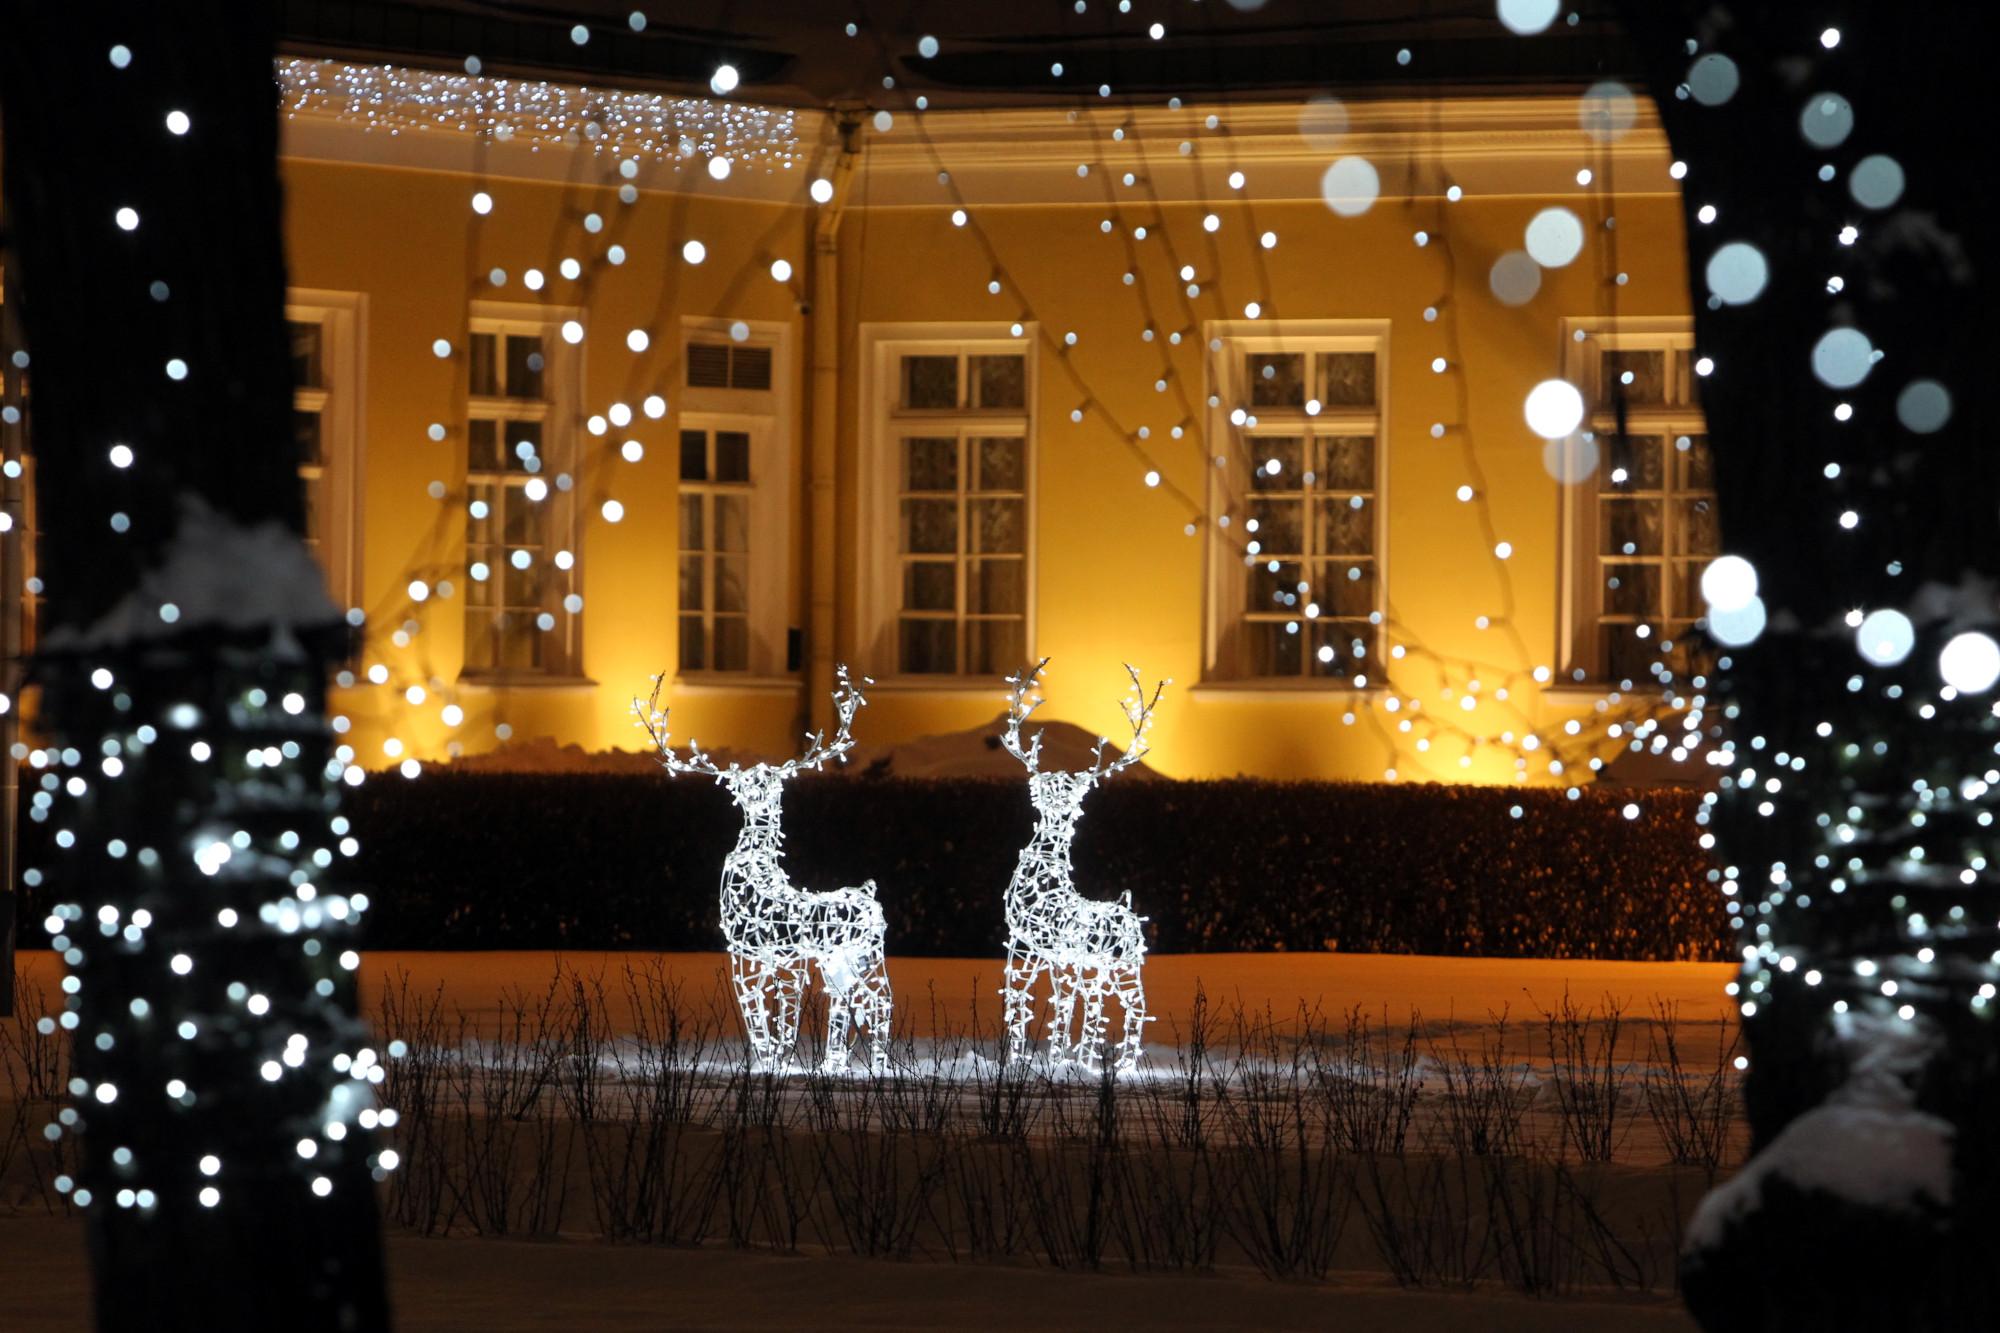 новогодние украшения, иллюминация, олени, Таврический дворец, Новый год